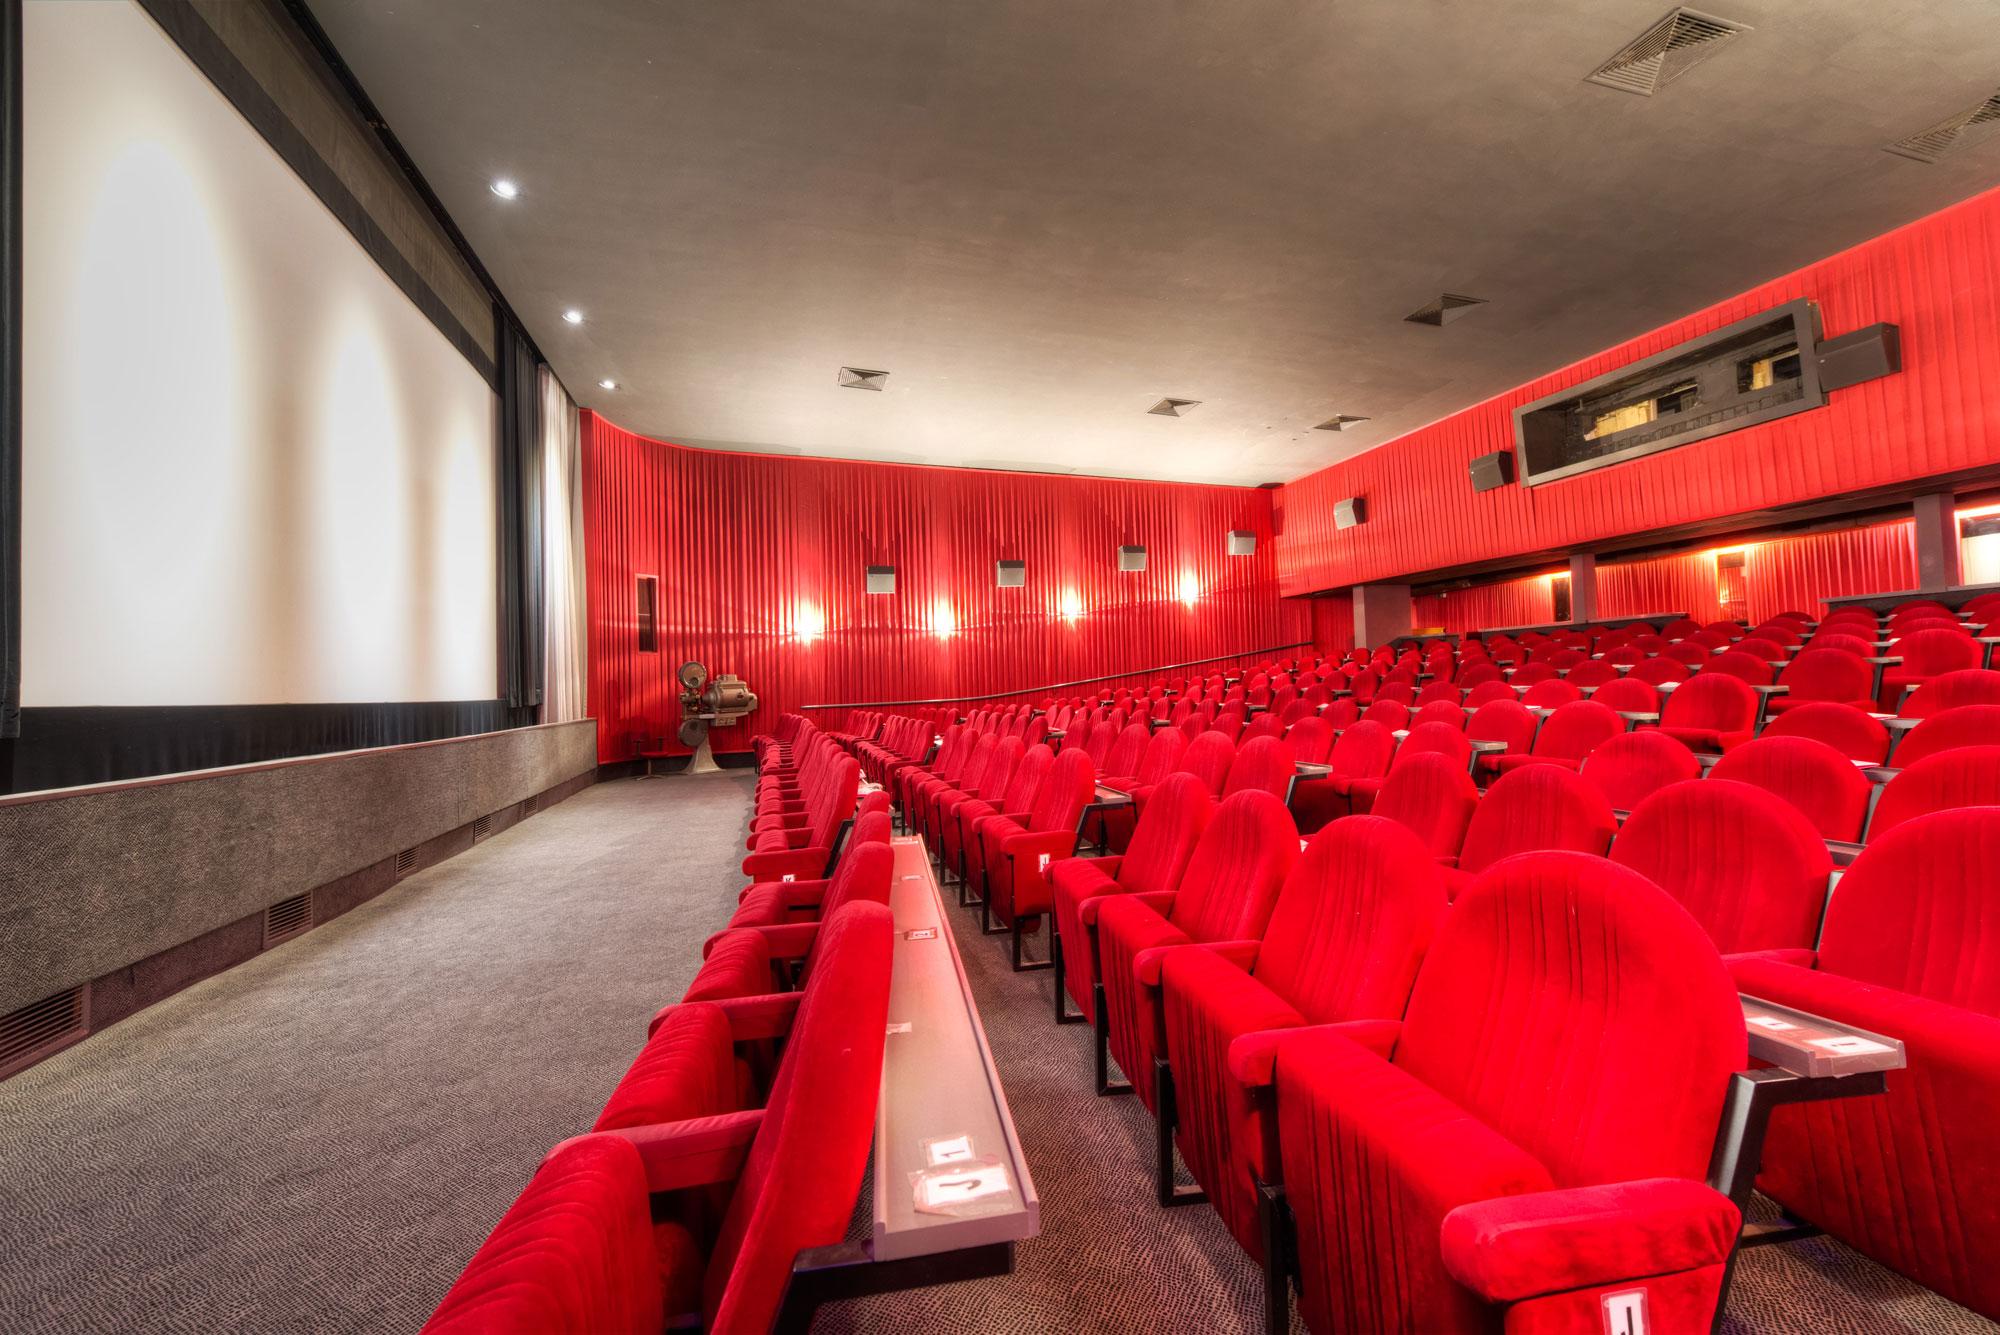 Das Filmtheater Hasetor hat 222 Sitzplätze mit einem bequemen Reihenabstand